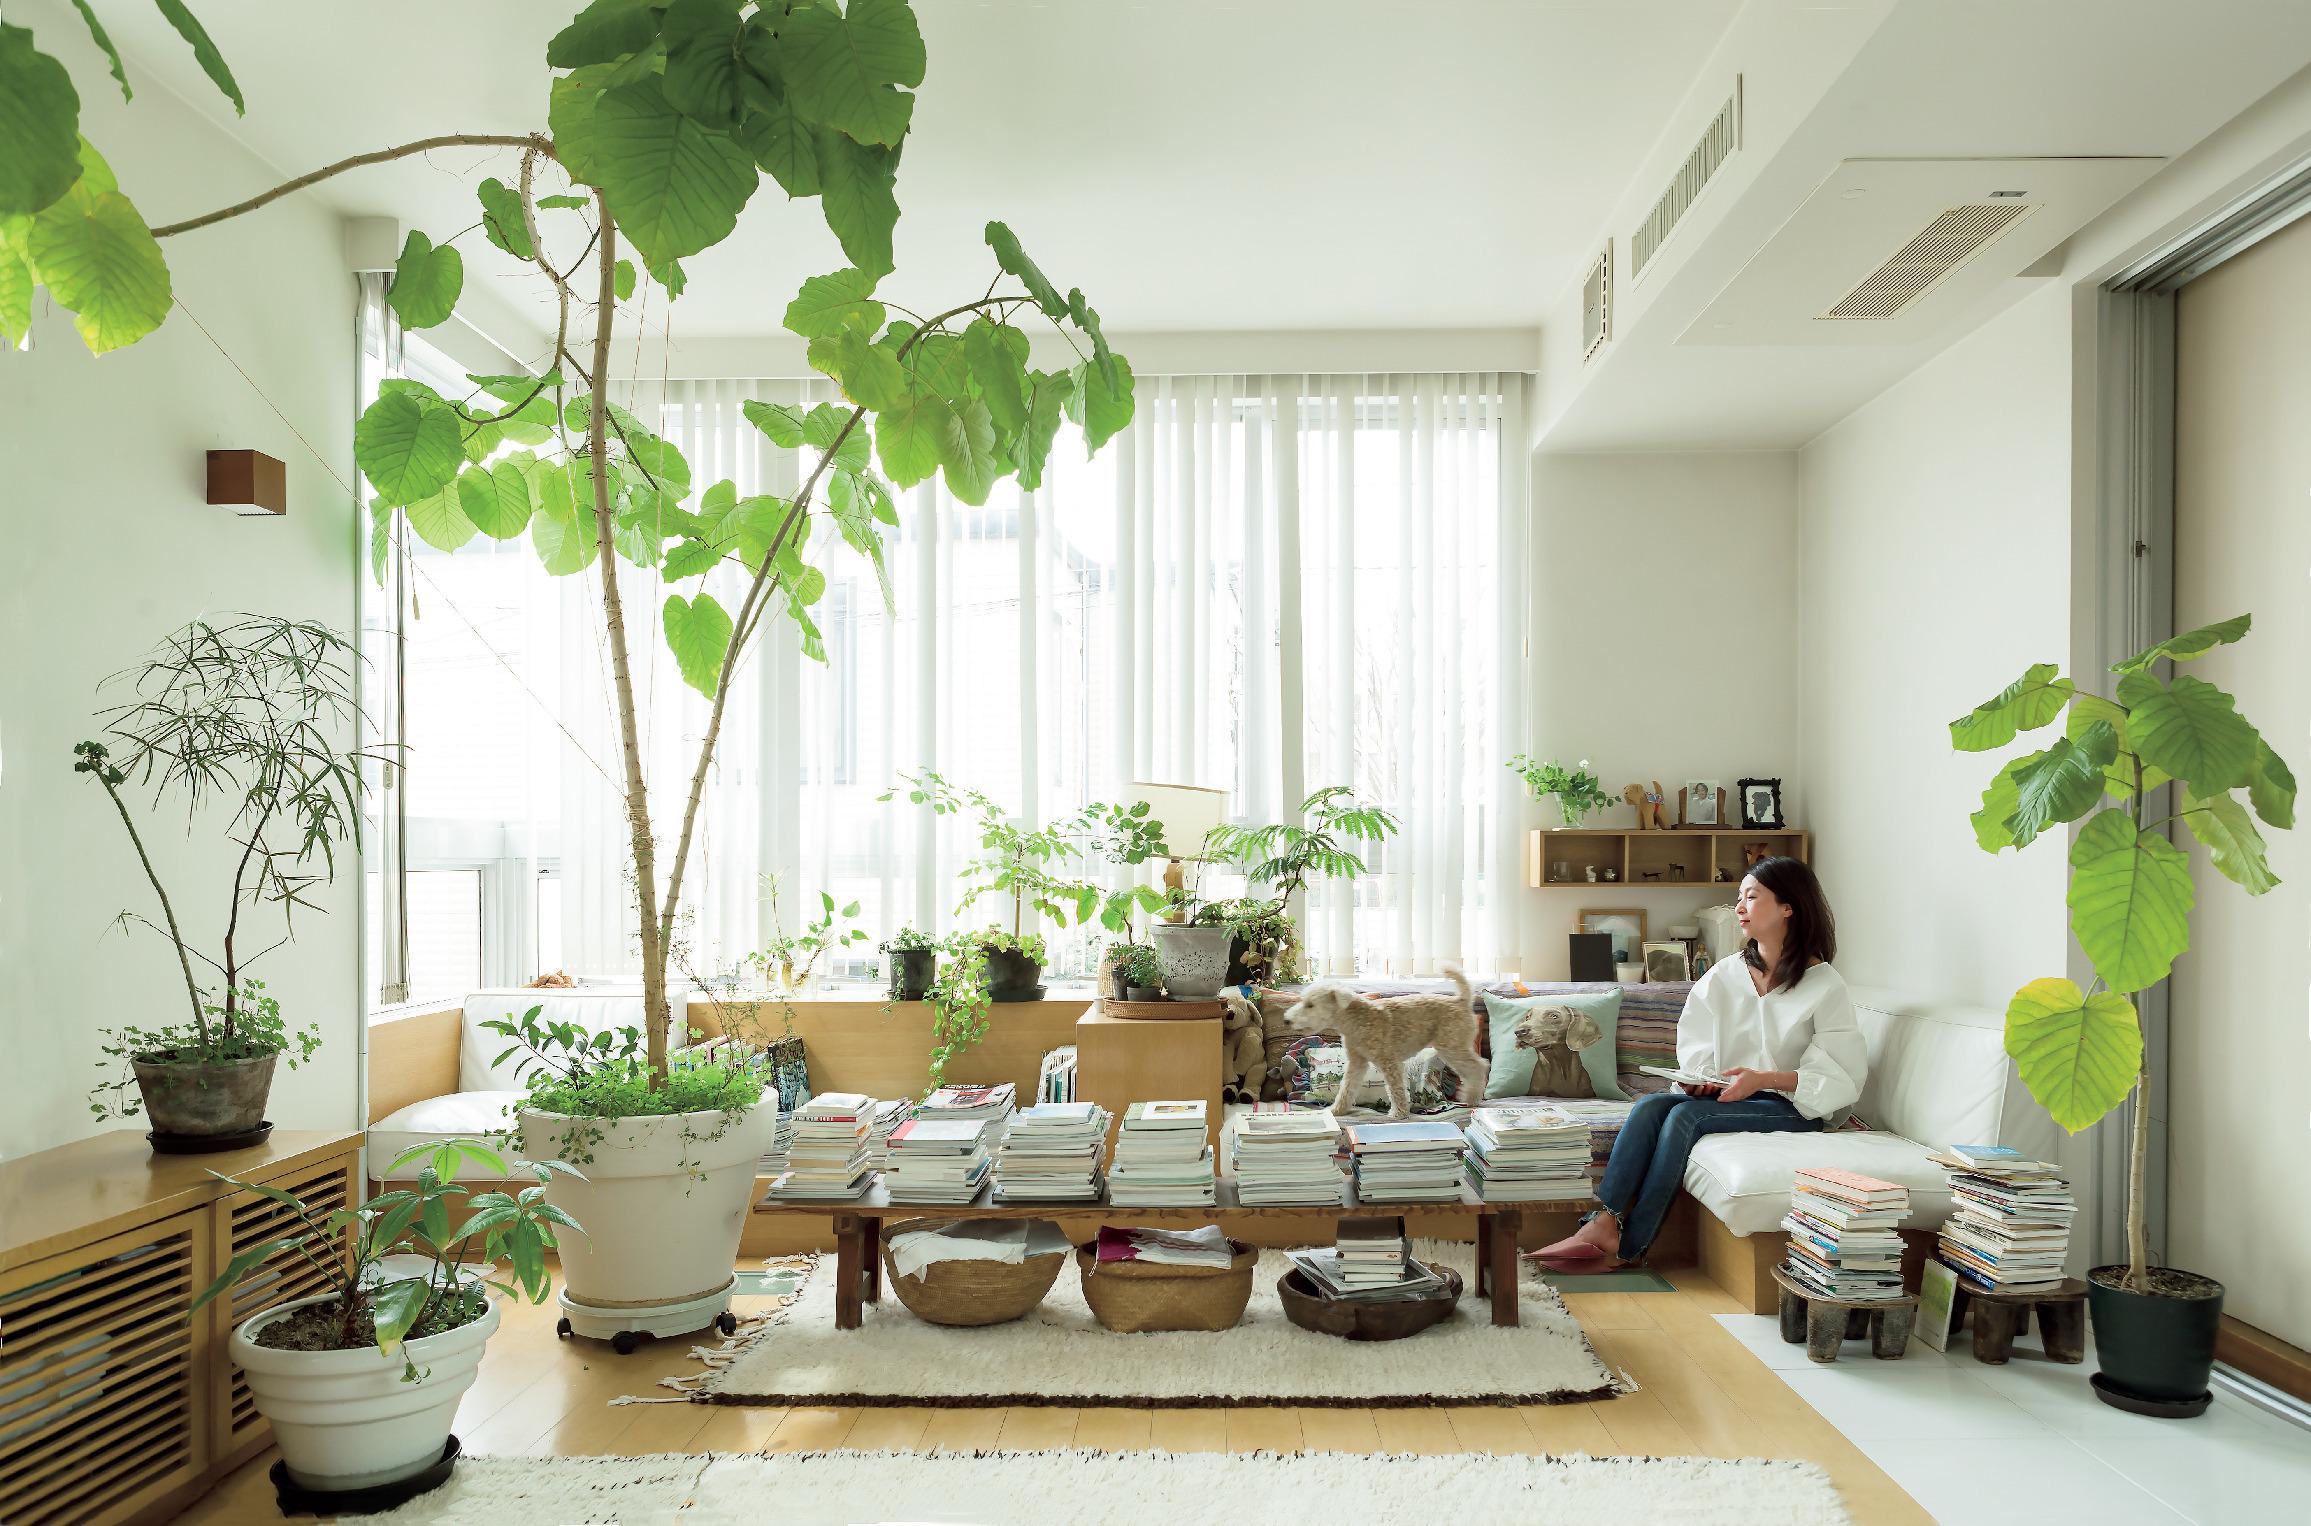 日々の生活を心地よく過ごすための室内グリーンの飾り方 五選_1_1